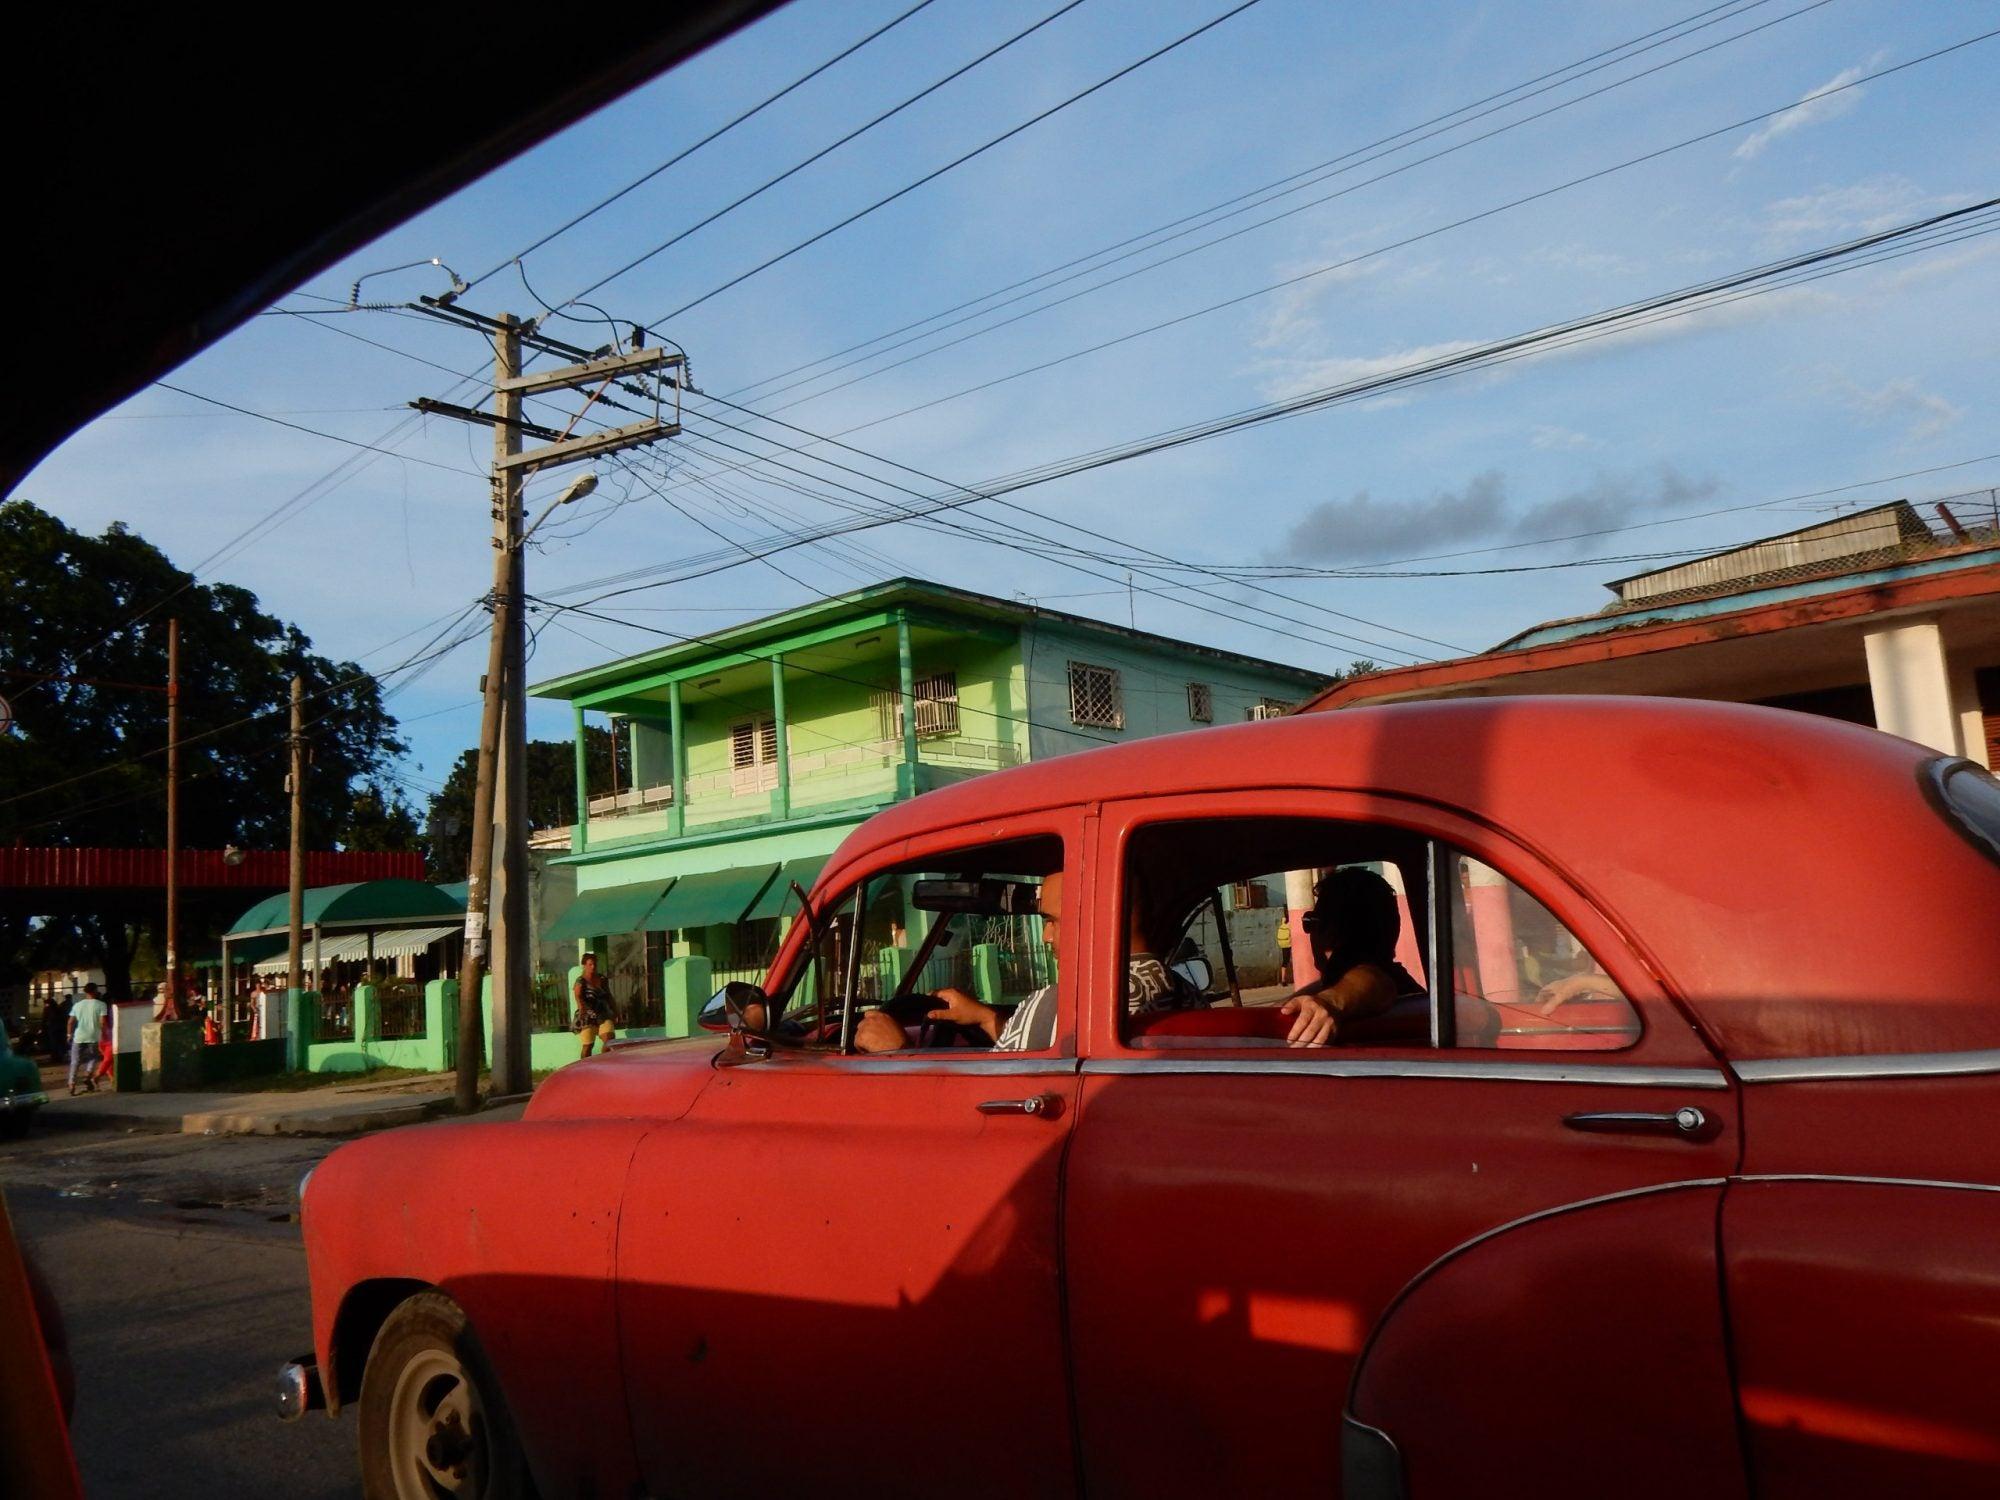 A classic car drives through Cuba